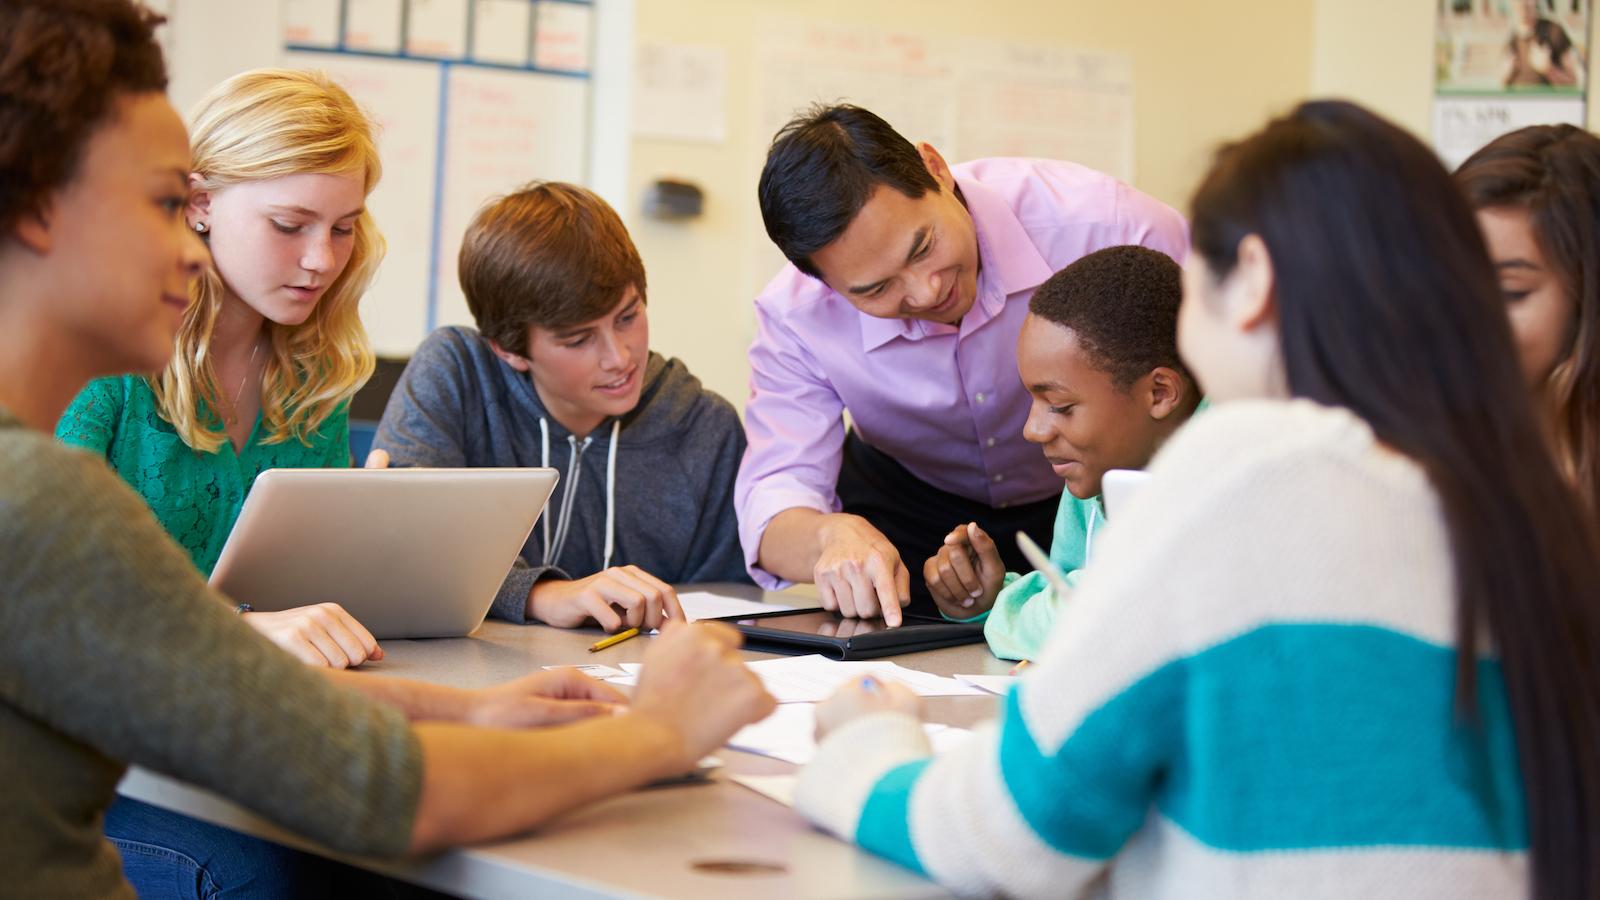 Summer School Through a Growth Mindset Lens